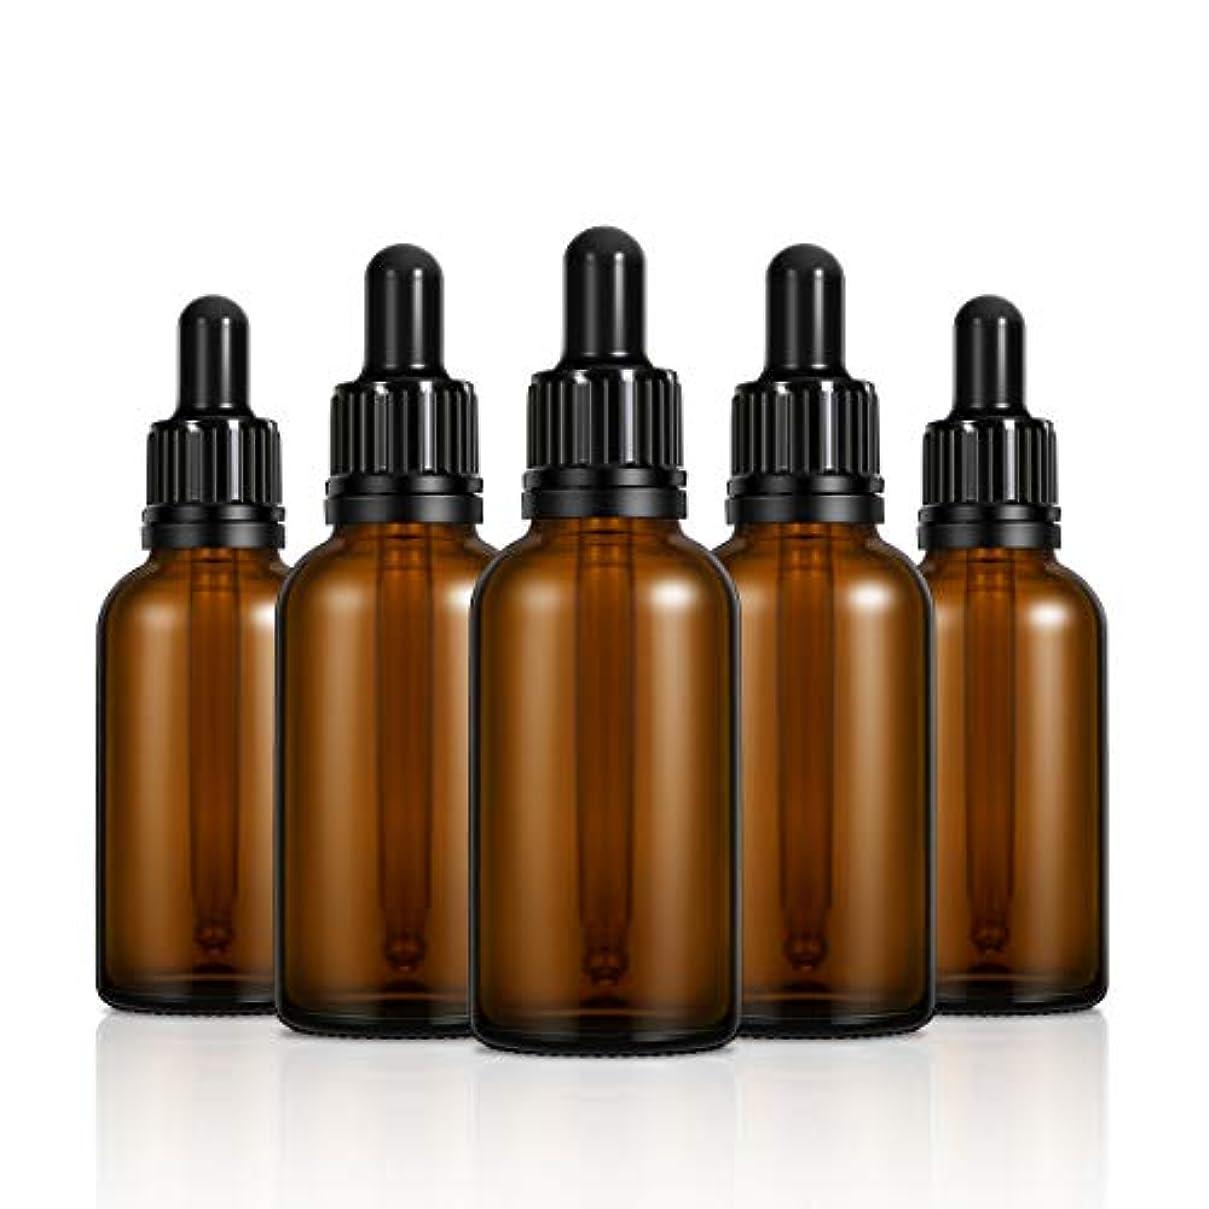 エキサイティング分析する免疫Frcolor 遮光瓶 スポイト遮光瓶 スポイト付き アロマボトル 30ml エッセンシャルオイル 香水 保存容器 詰替え ガラス 茶色 12本入